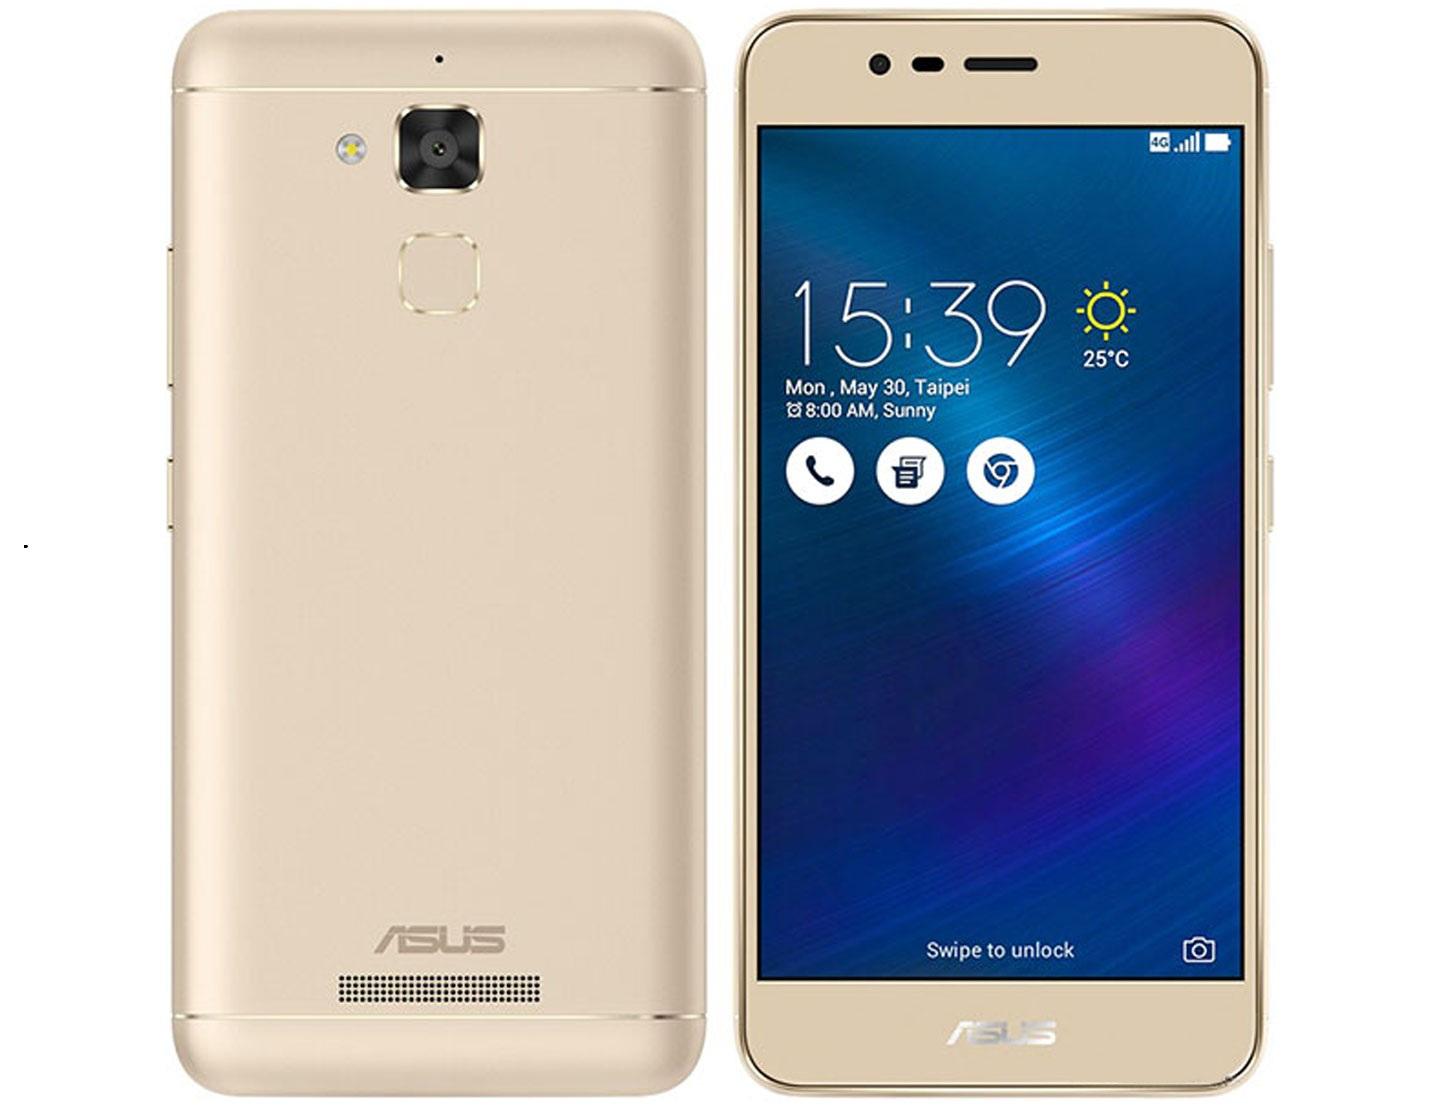 Handphone Asus Gaming Murah Arsip Asus